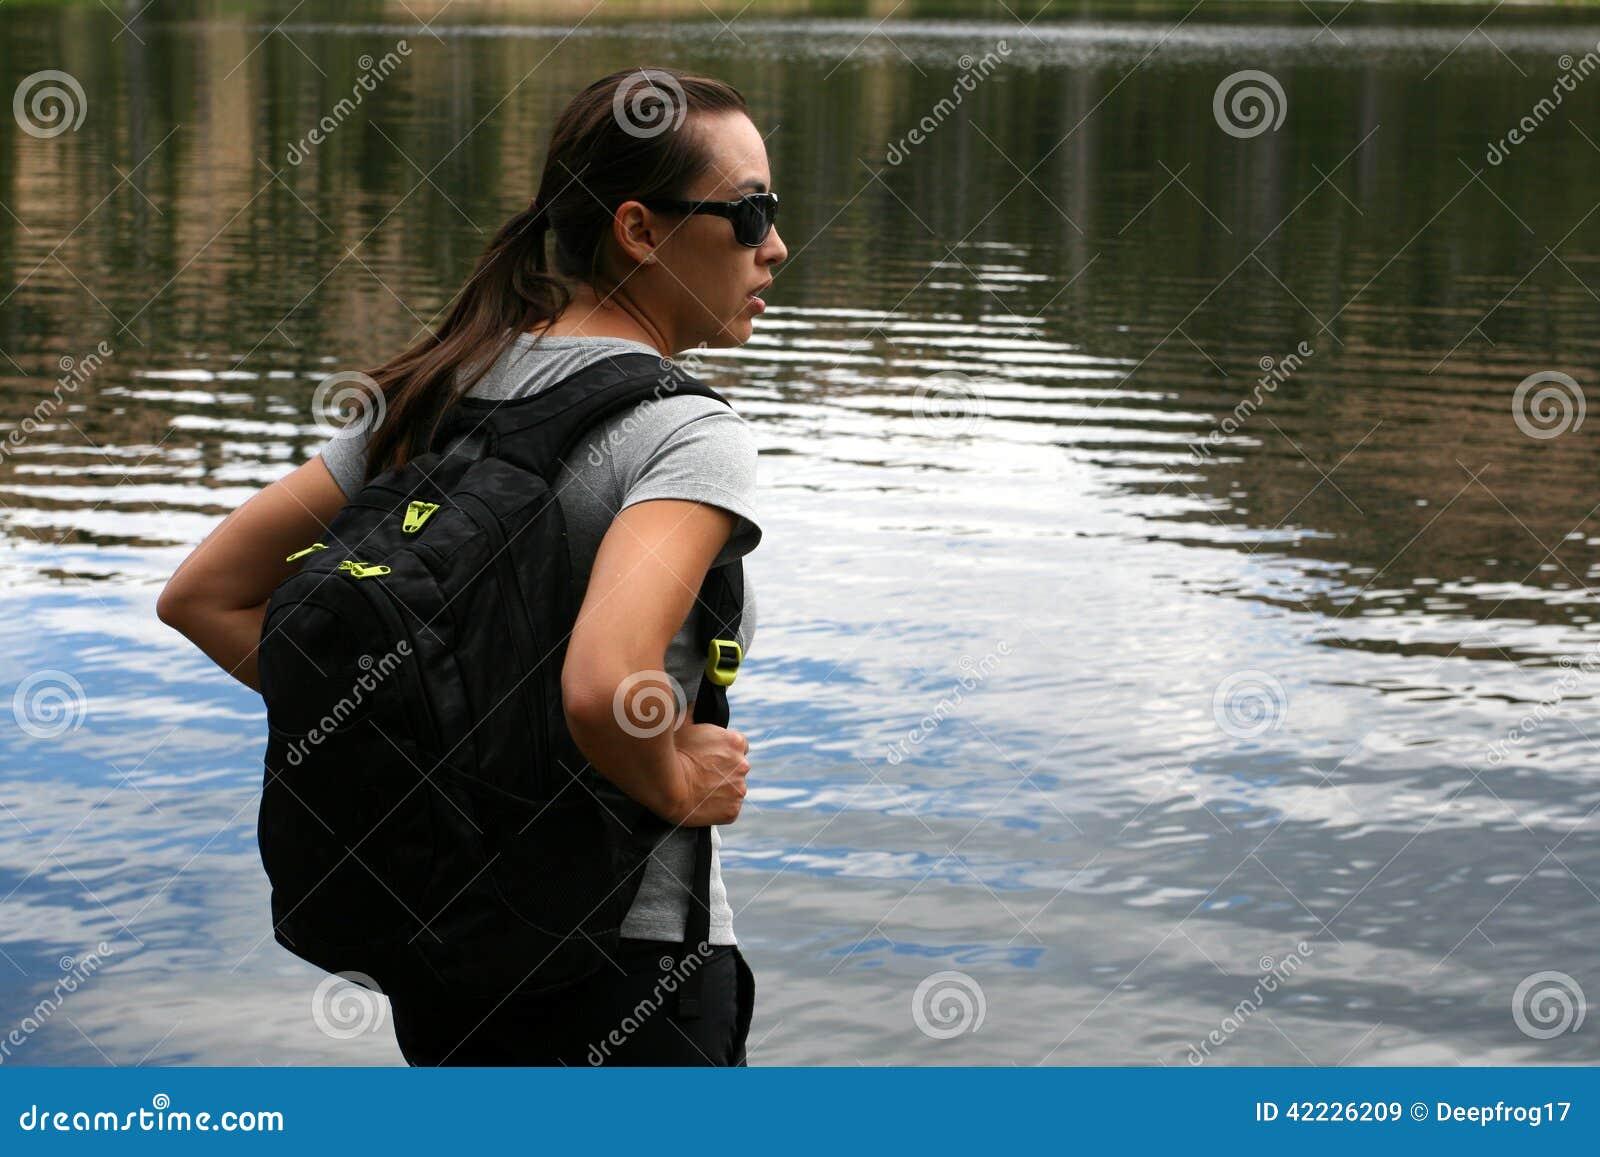 Hiker в горах отдыхает на озере